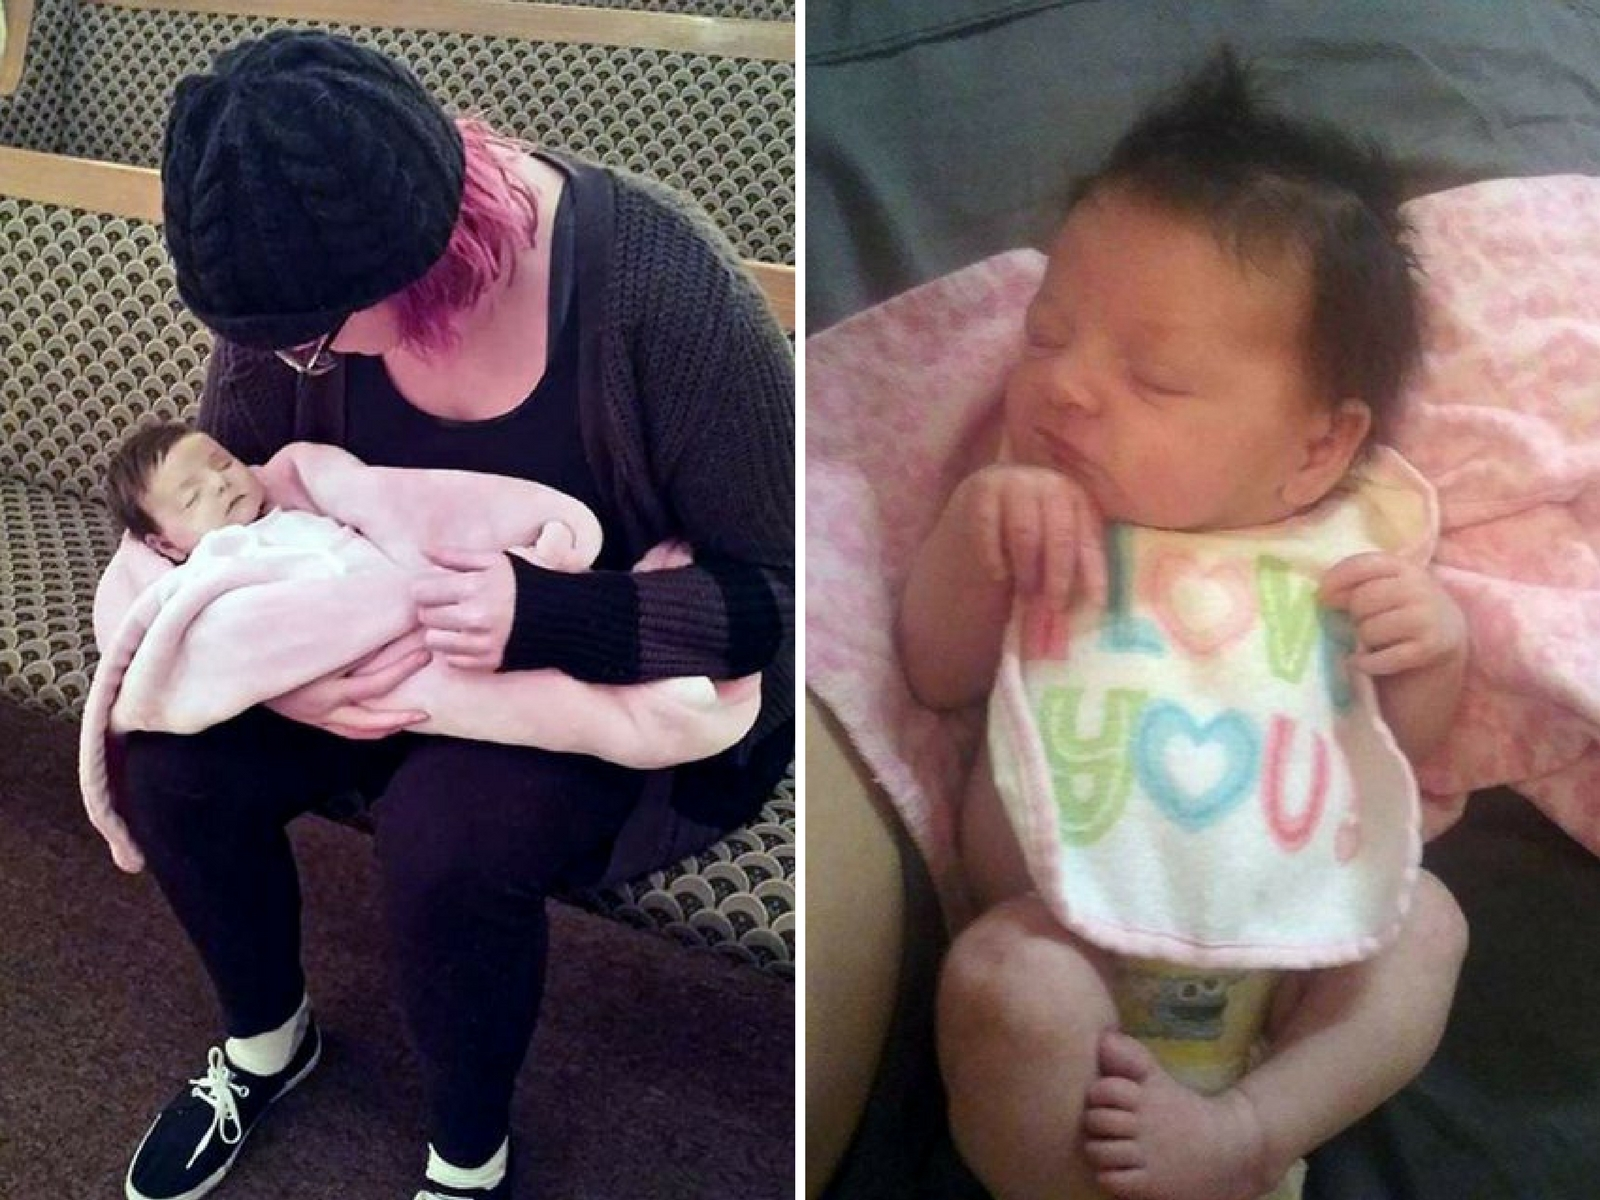 Убитая горем мать: Фотосессия с мёртвой дочкой помогла мне справиться с горем и поможет другим - ФОТО